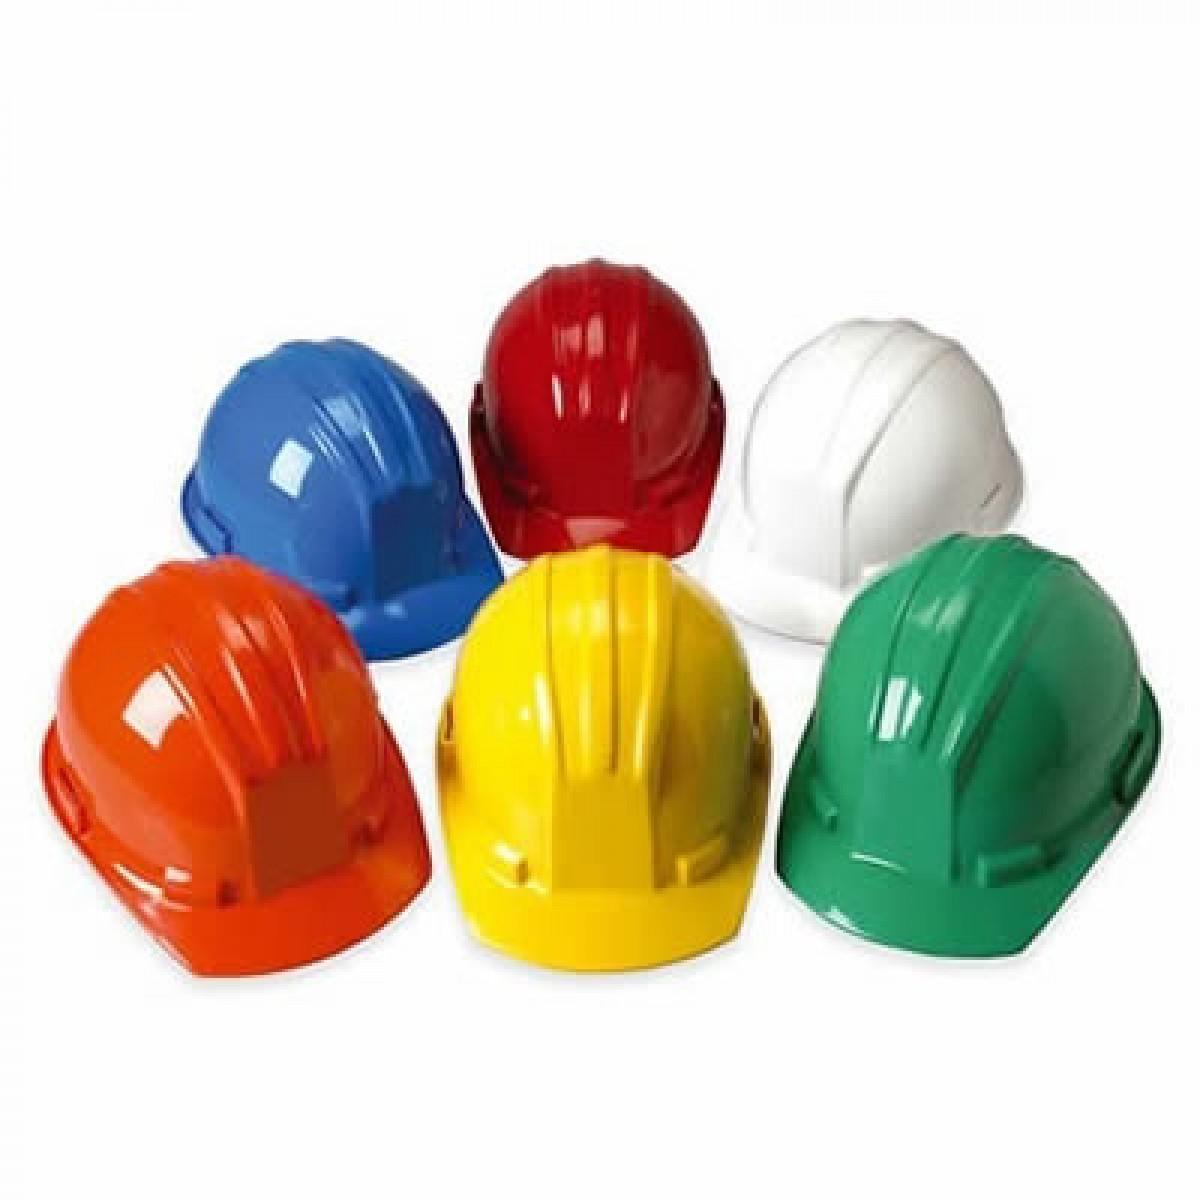 Todo lo que debe saber sobre el casco de seguridad - Cascos de seguridad ...